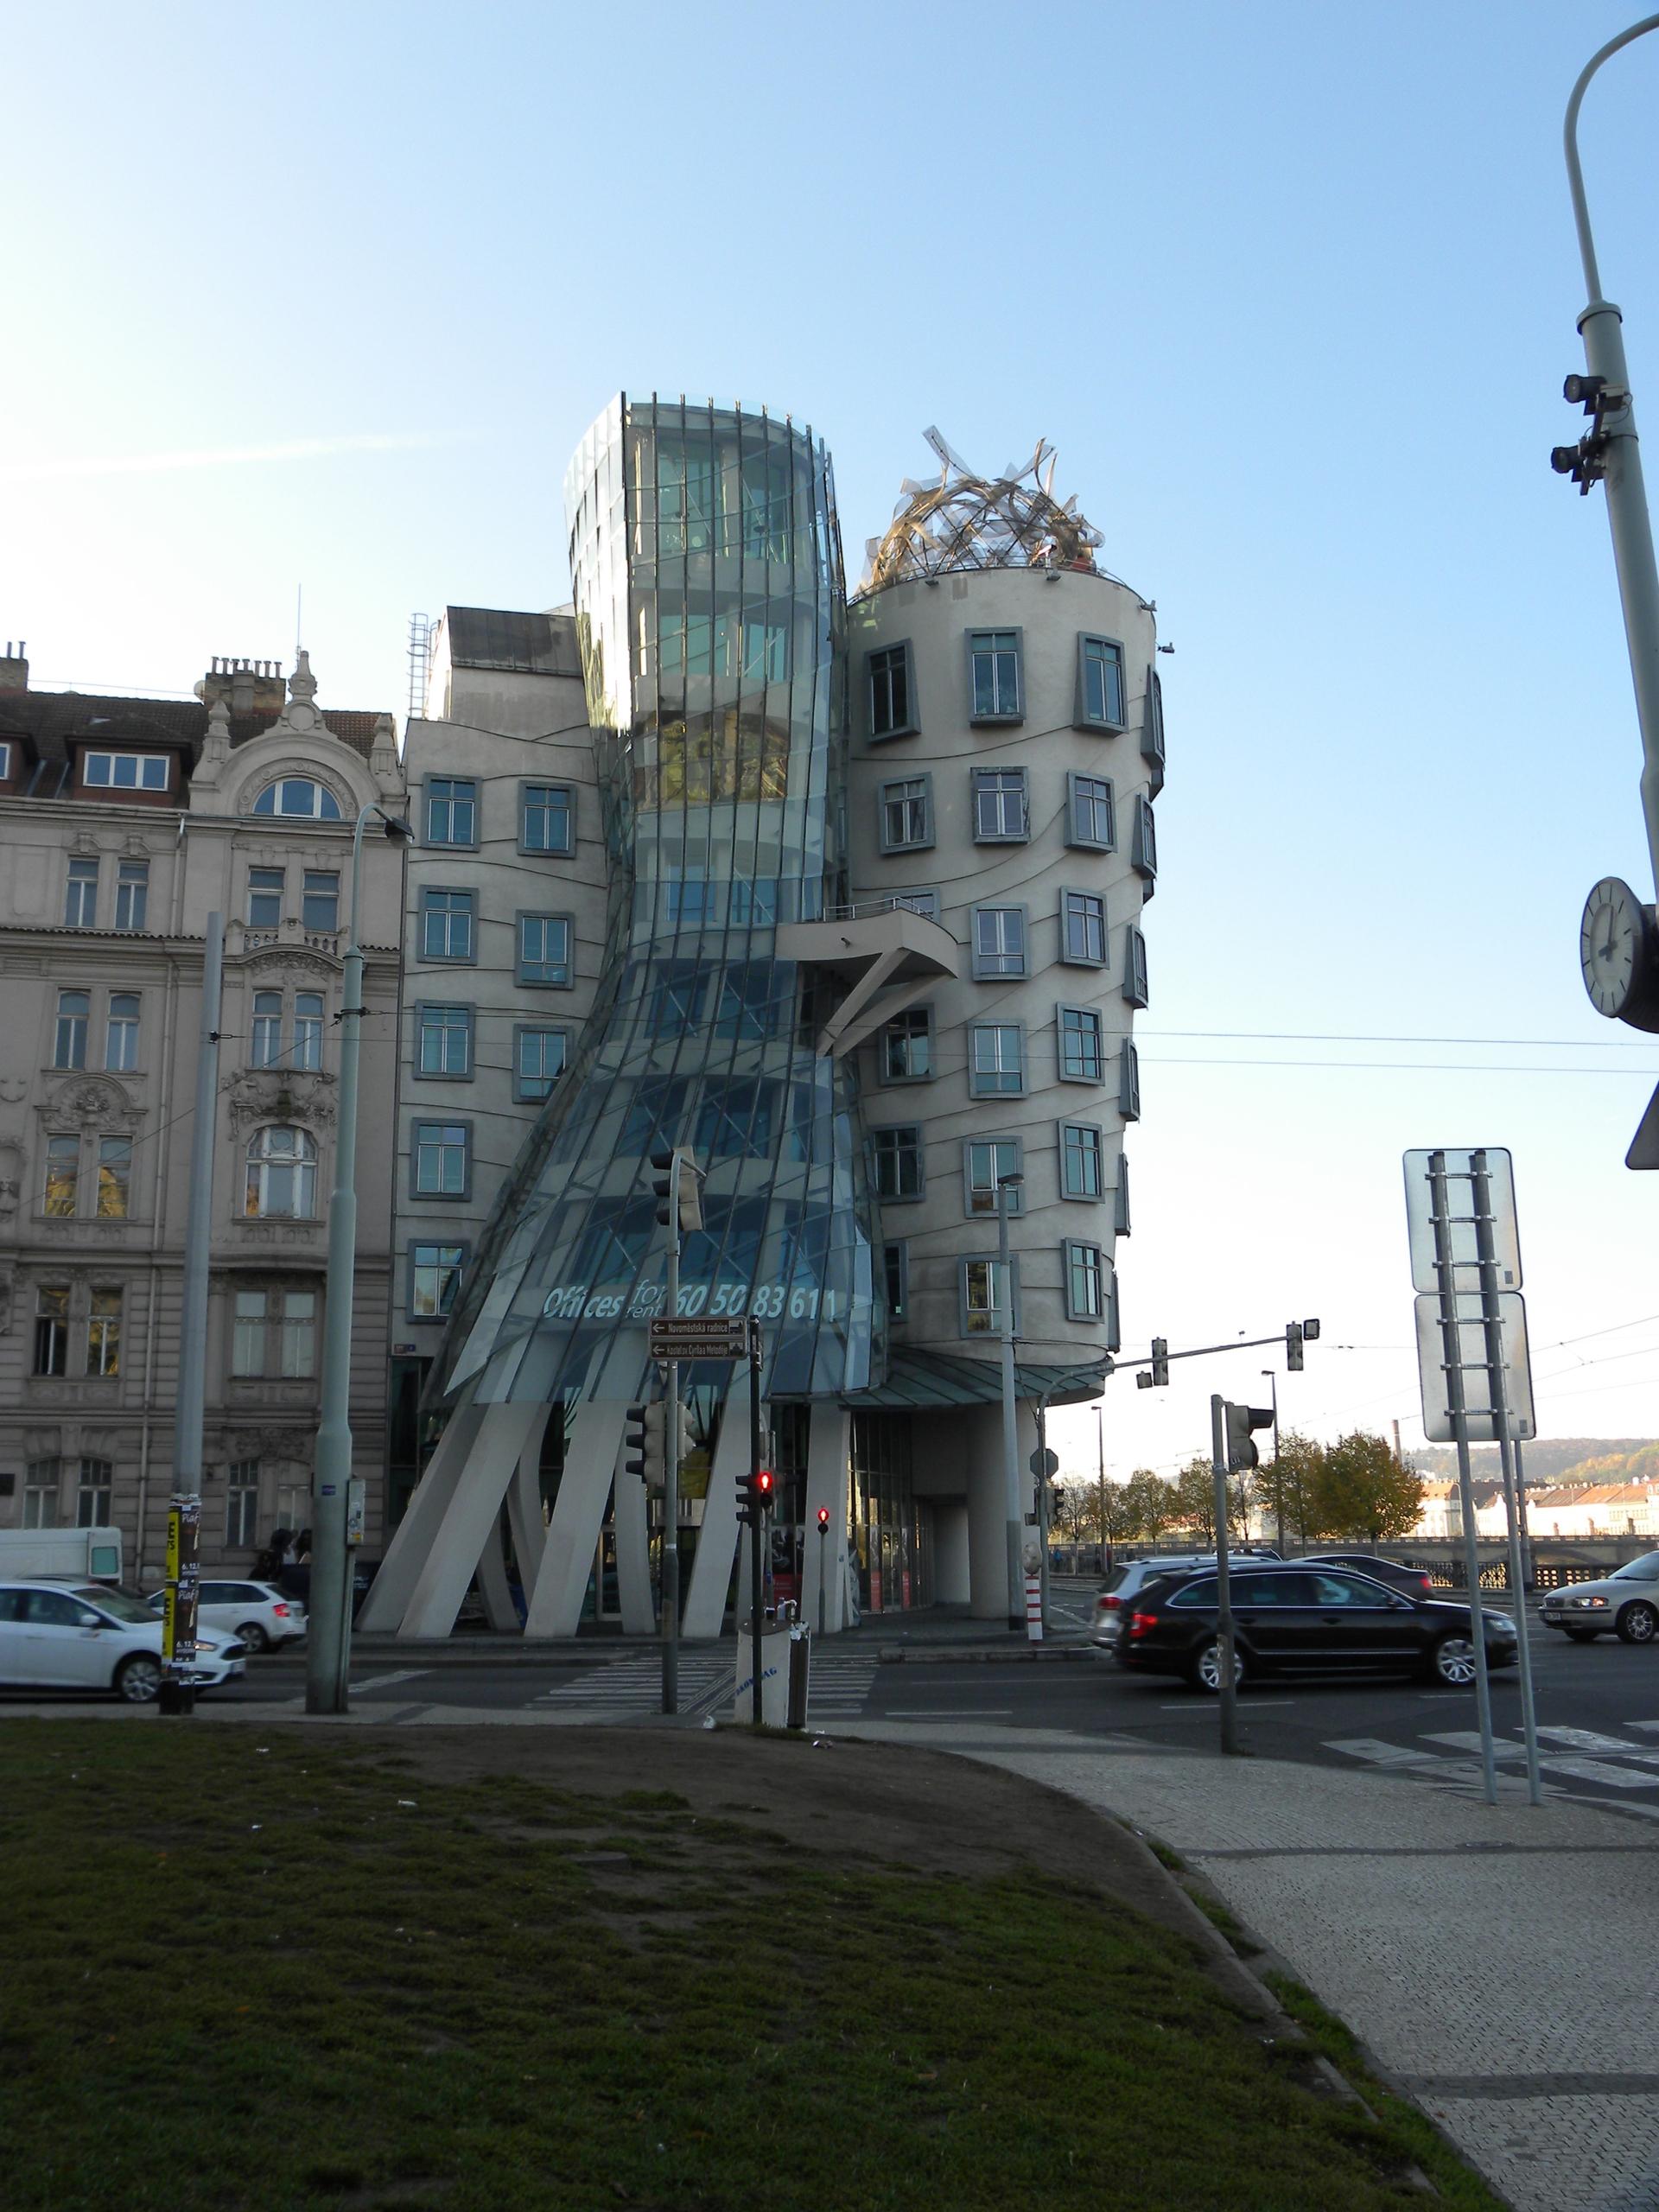 Prag VII Das tanzende Haus (Fra - eatious | ello